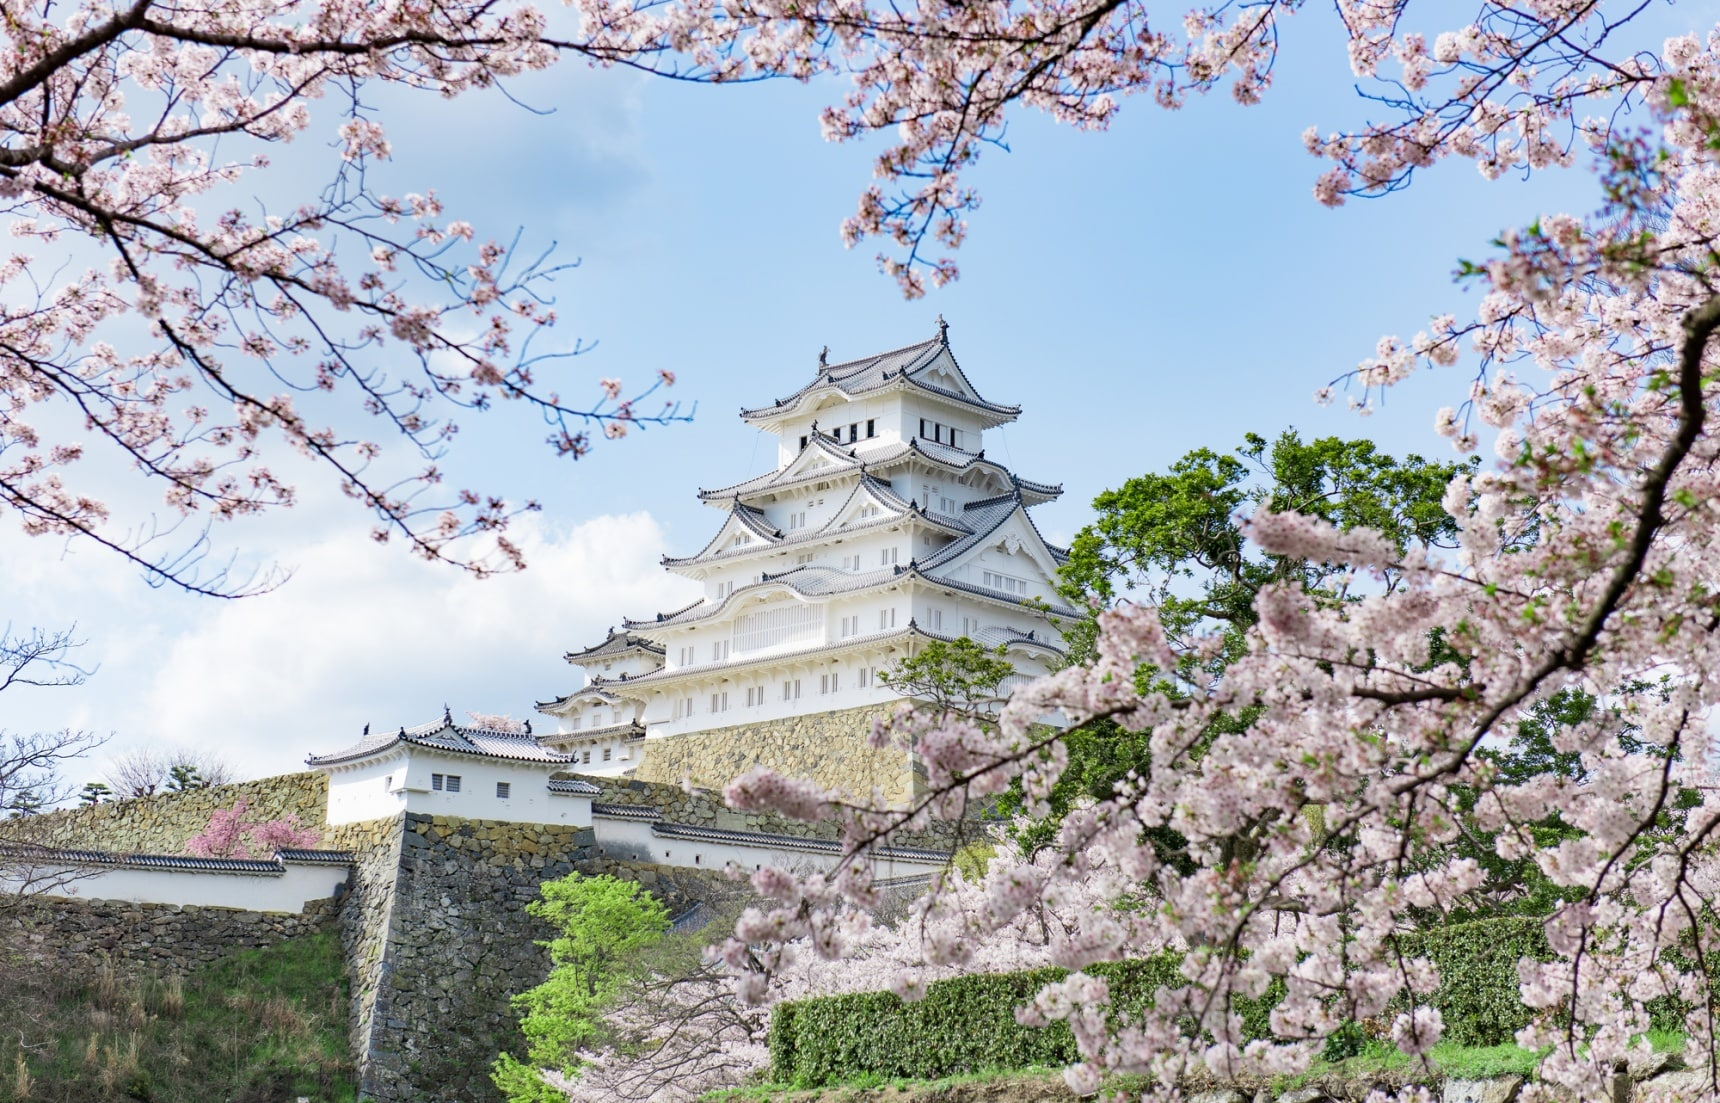 日本最佳花見景點推薦 你一定要知道的東京・鎌倉・京都・奈良賞櫻名勝